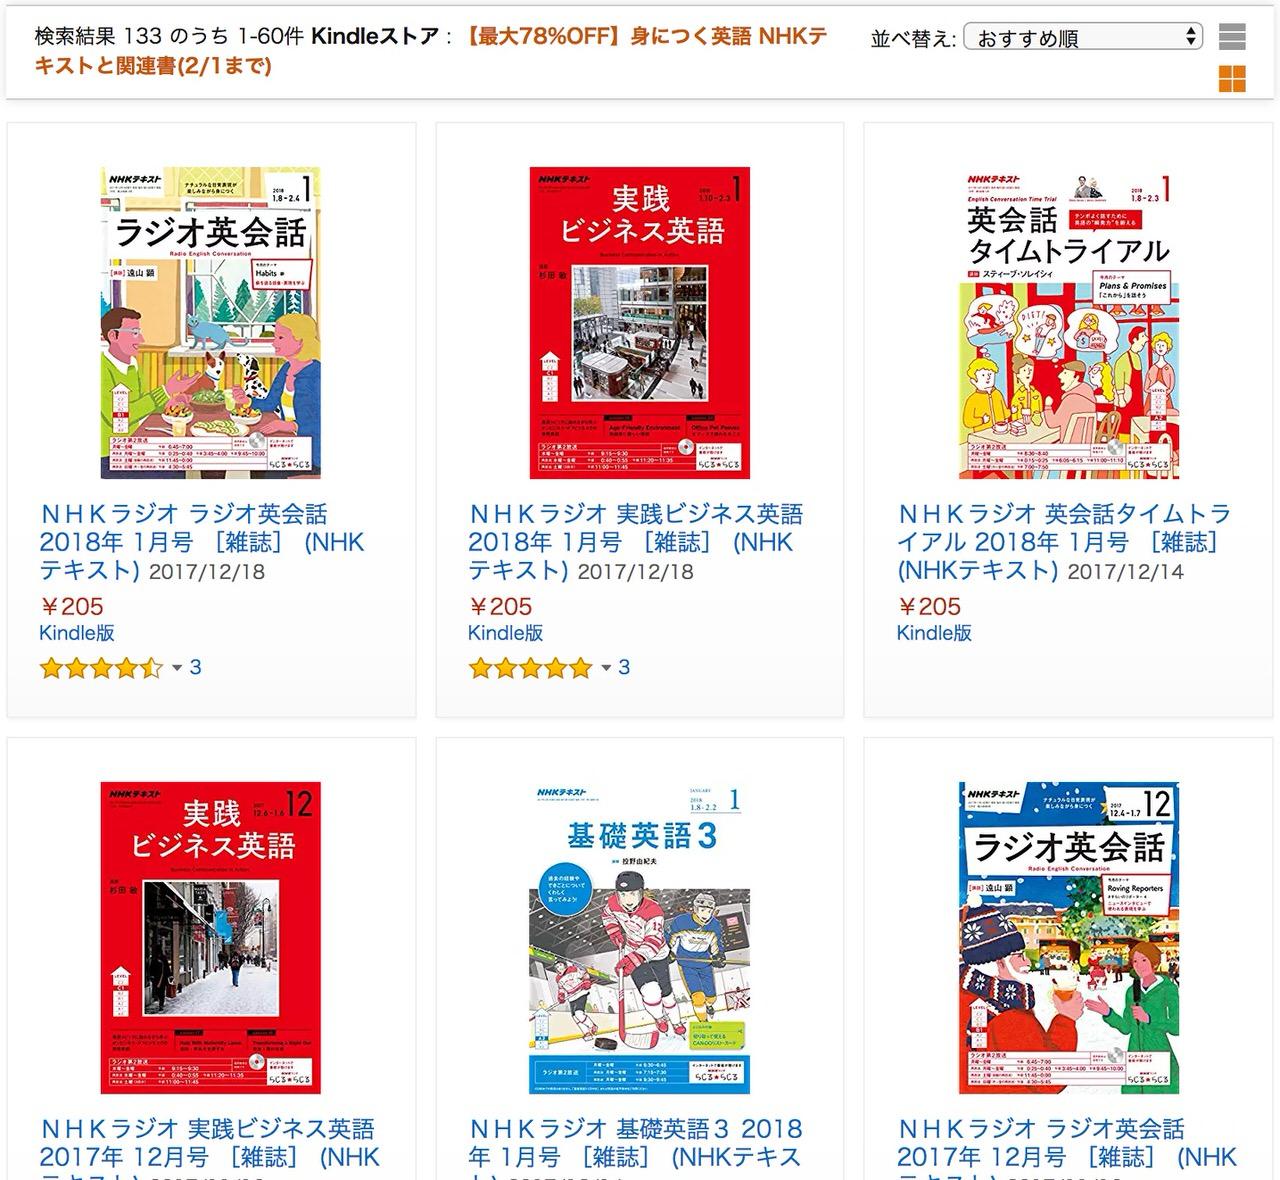 【Kindleセール】最大78%OFF「身につく英語 NHKテキストと関連書」 〜ラジオ英会話、実践ビジネス英語など(2/1まで)